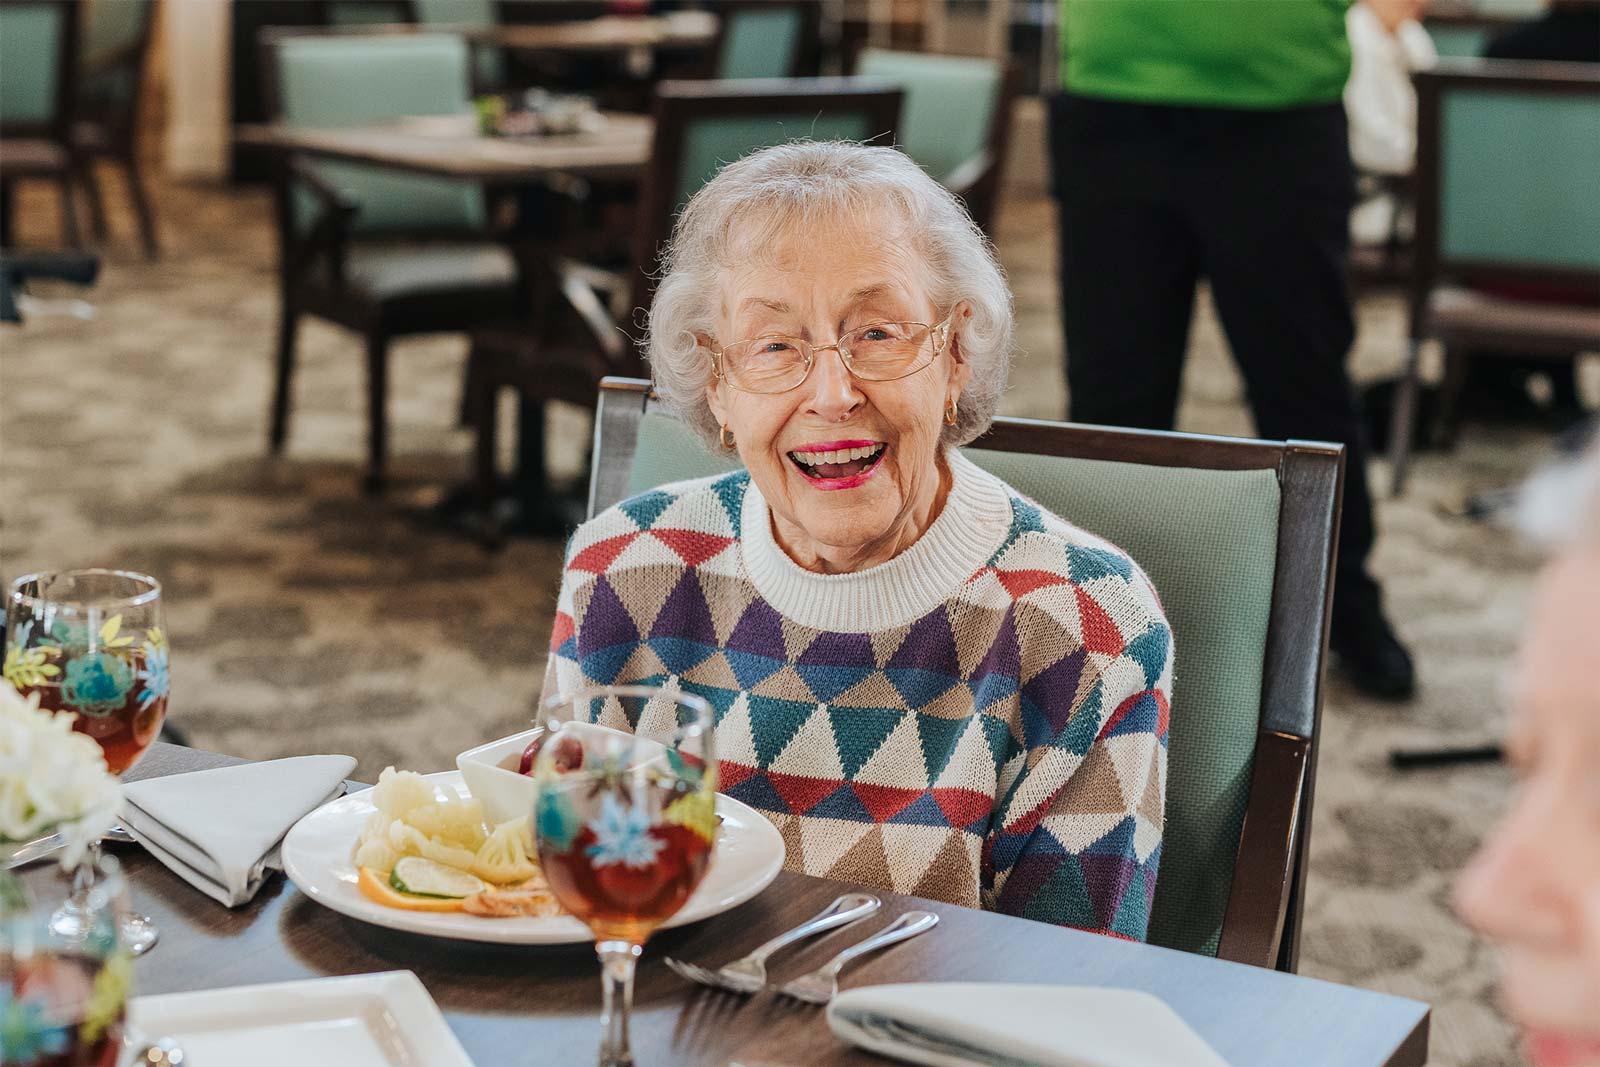 Choosing Healthy Meals As You Get Older